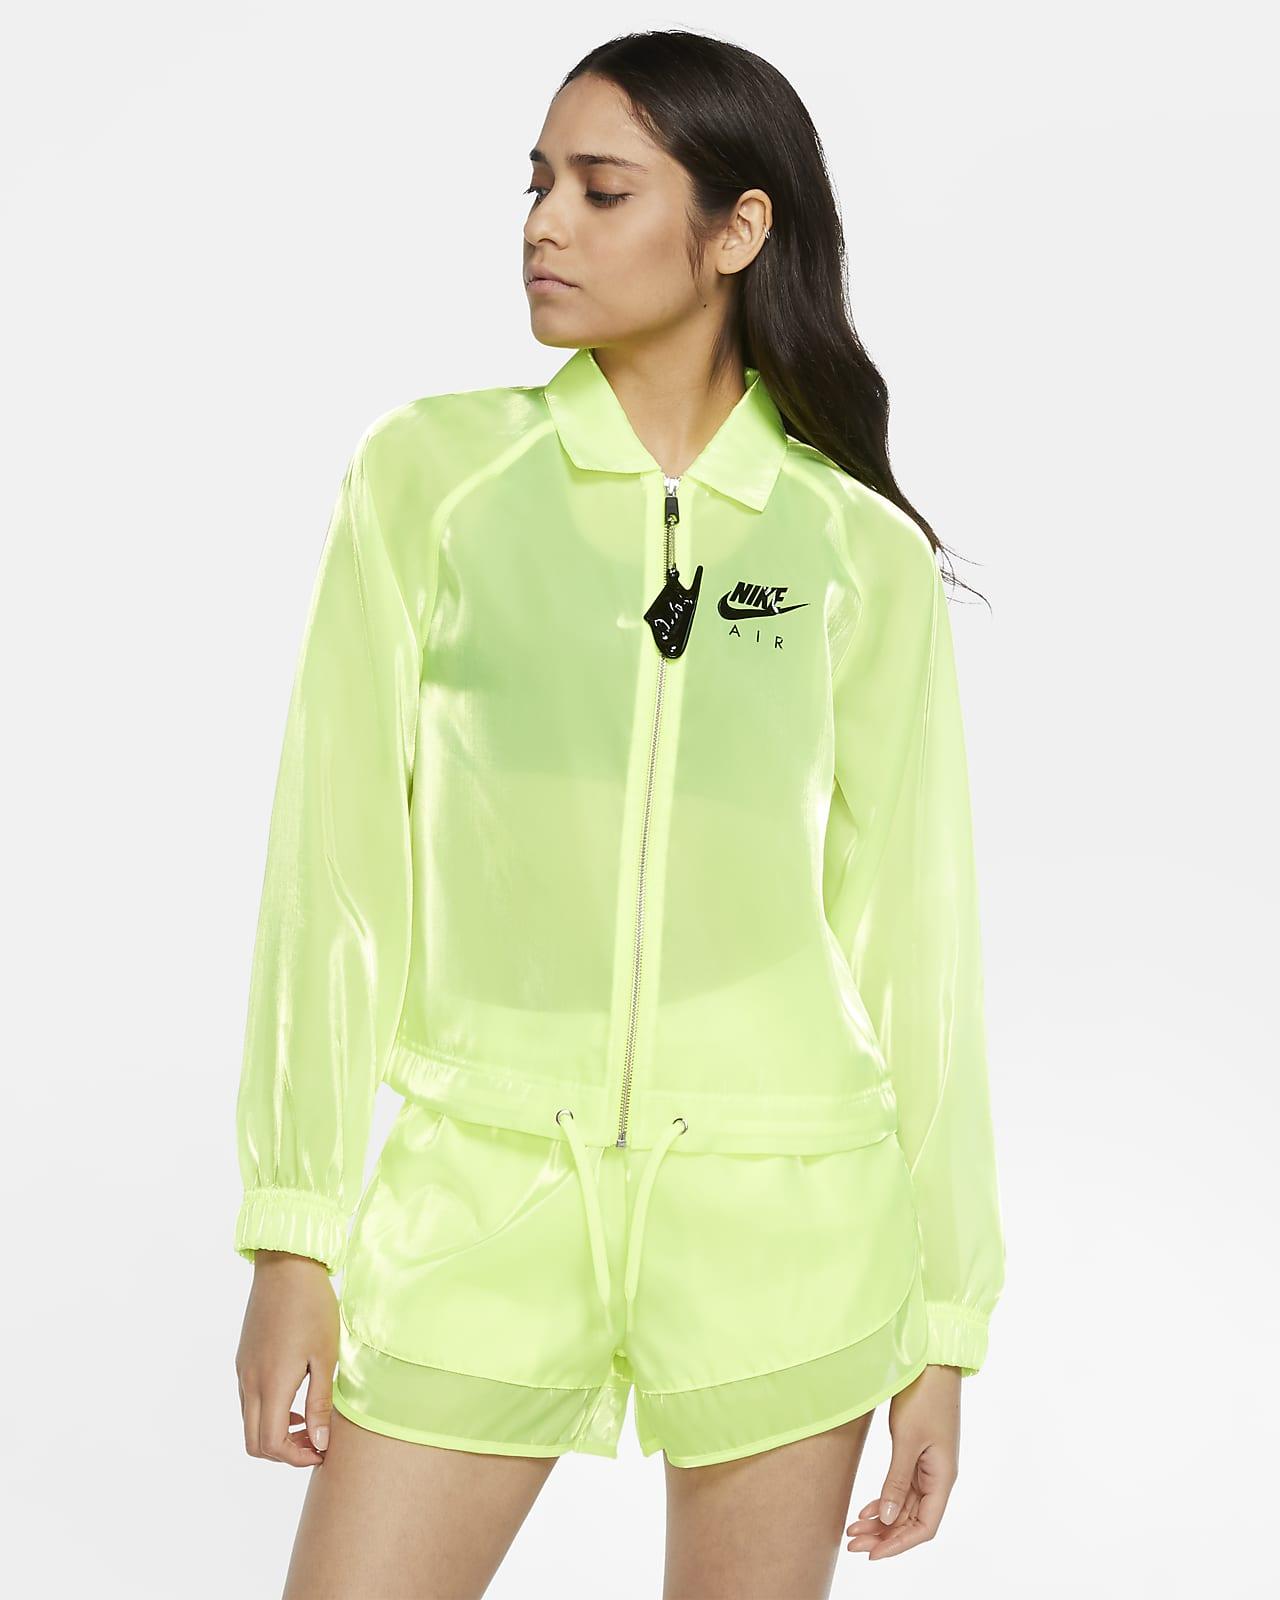 Veste de coach Nike Air pour Femme